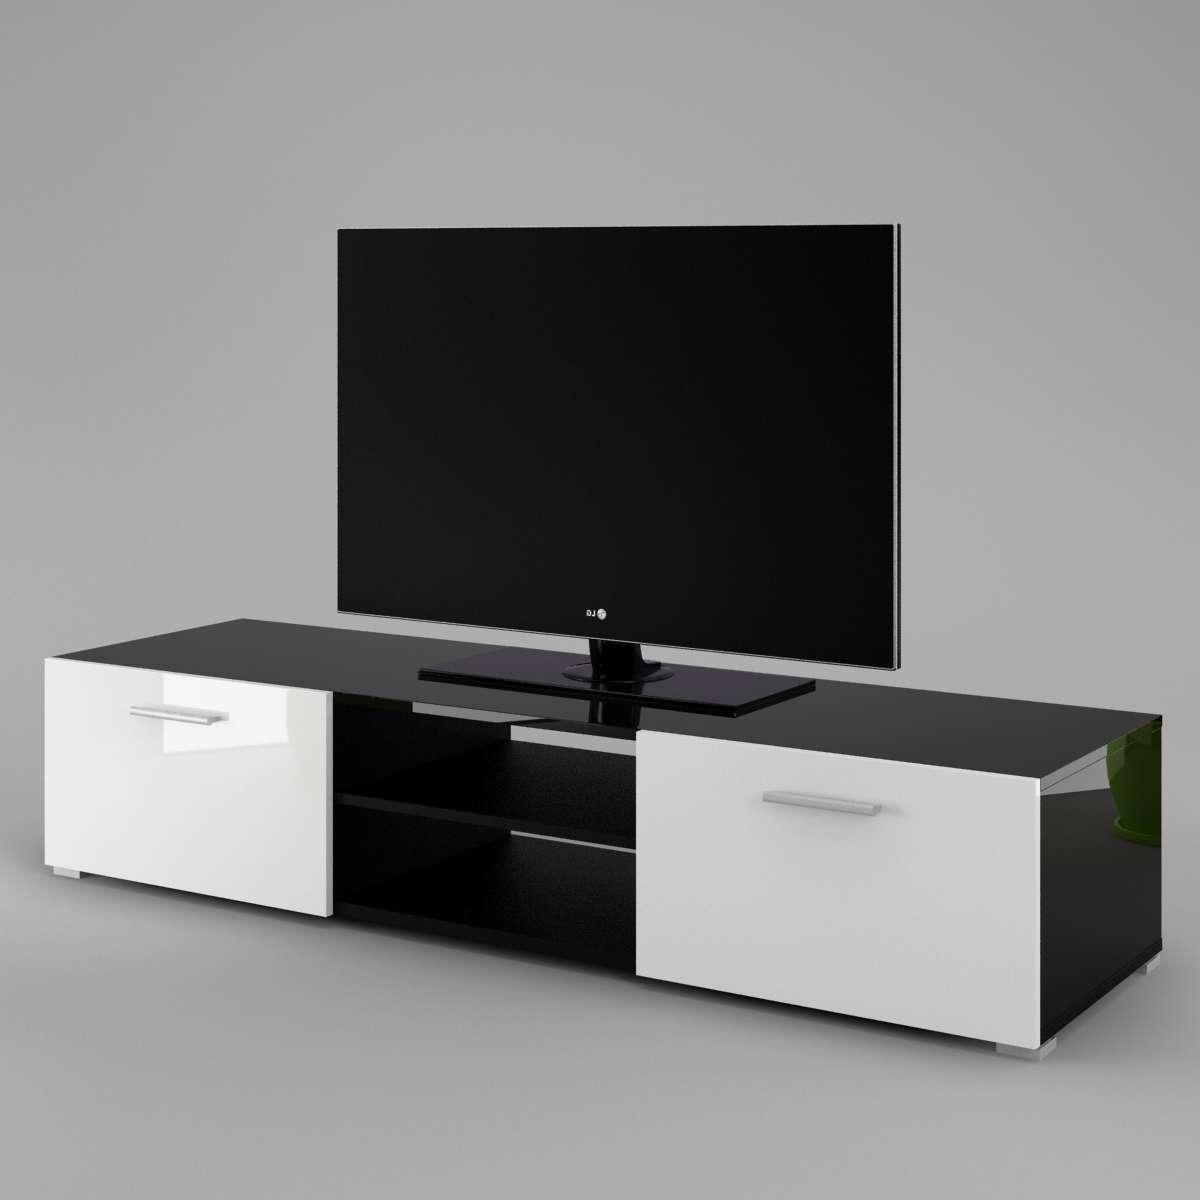 Tv Cabinet Luna – Labi Furniturelabi Furniture In Black Gloss Tv Cabinets (View 12 of 20)